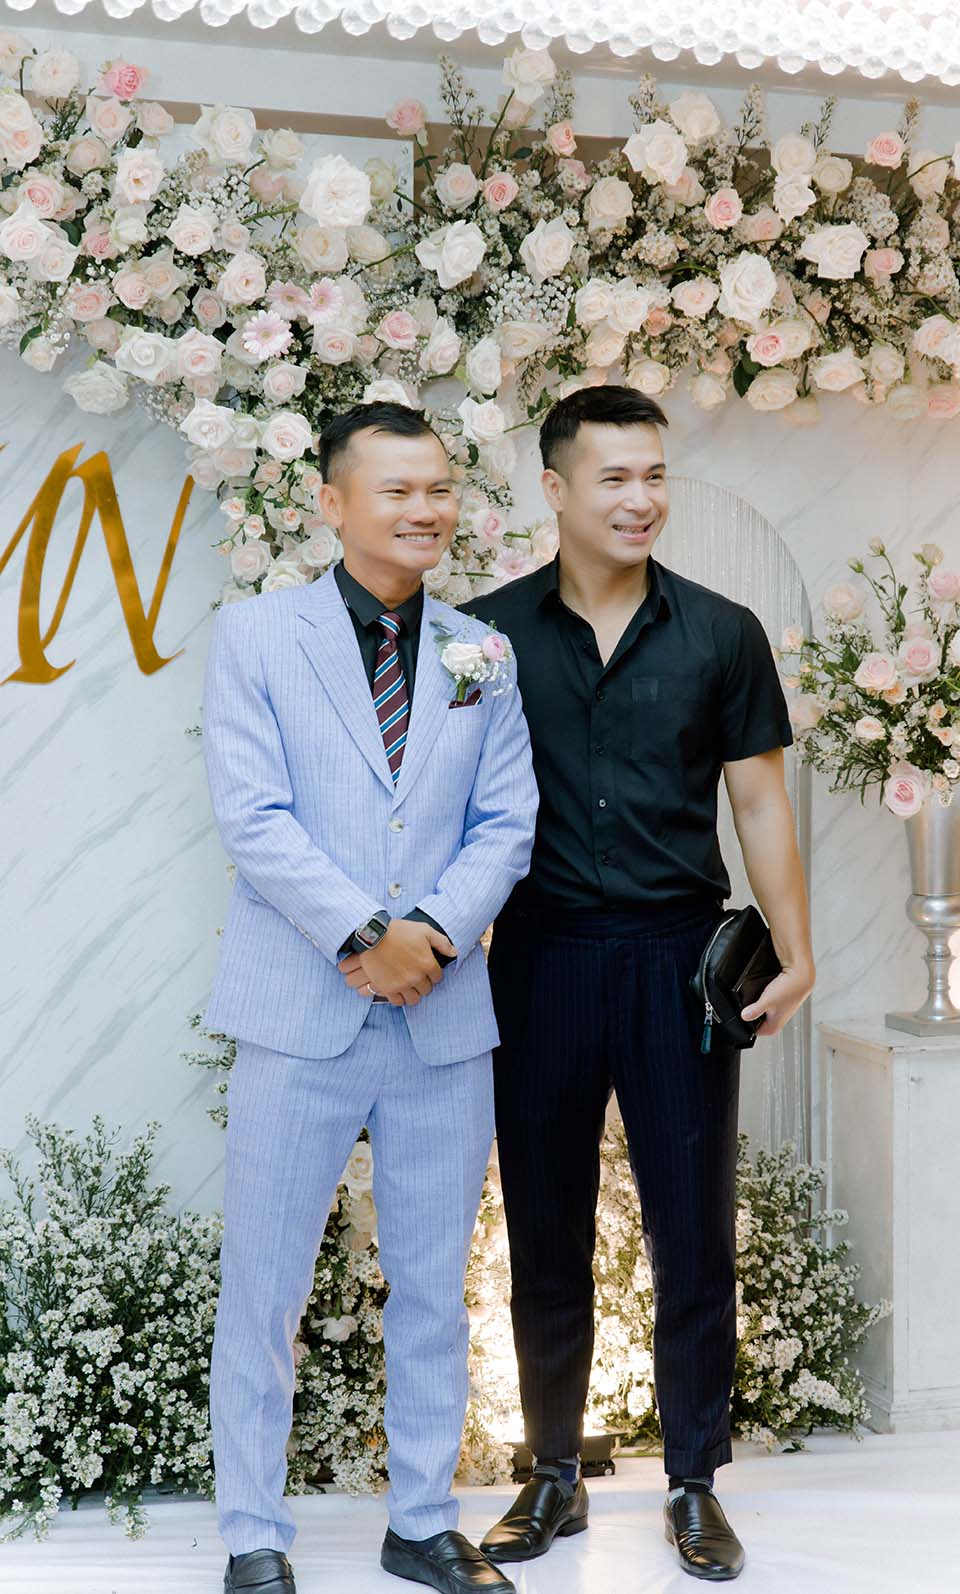 """Sao Việt dự đám cưới của """"hoa hậu Bolero"""" được chồng tặng 15 sổ tiết kiệm - 1"""